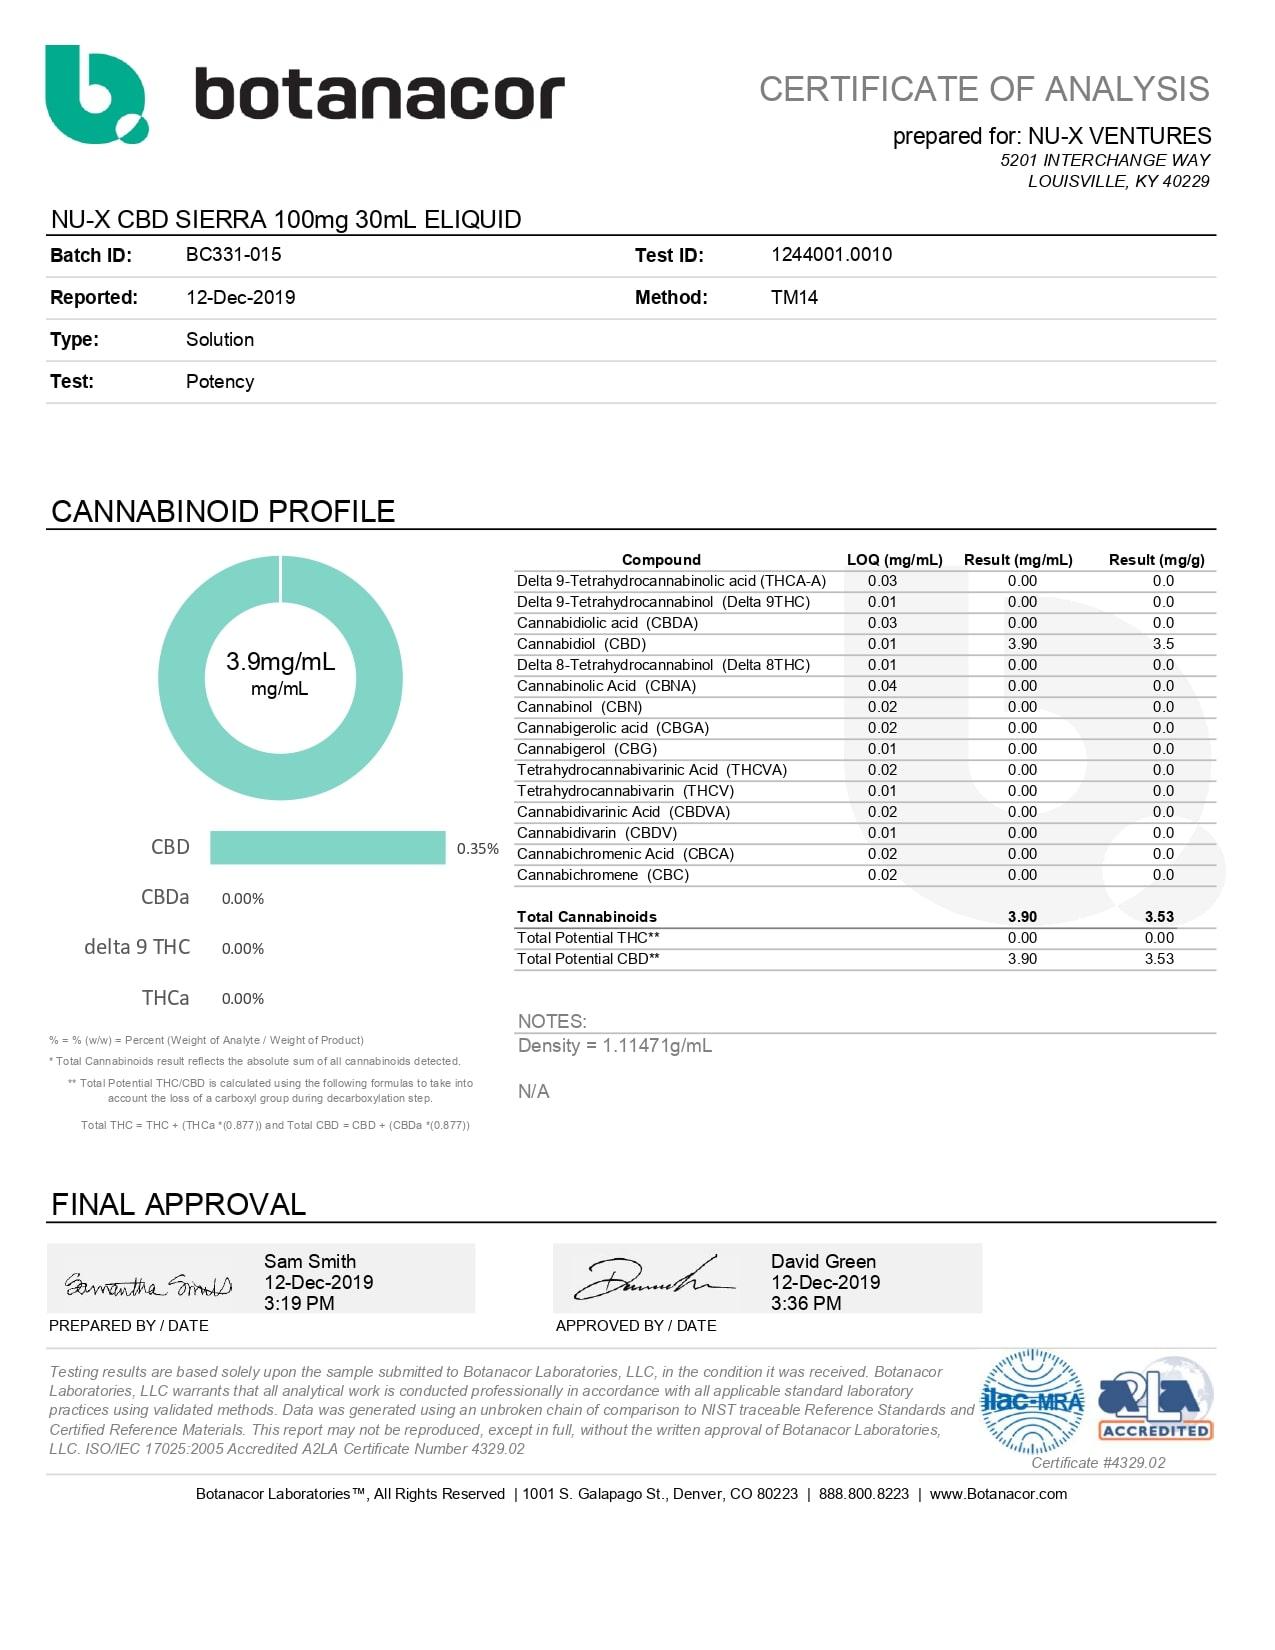 NU-X CBD eLiquid Vanilla Tobacco - Sierra Lab Report 100mg